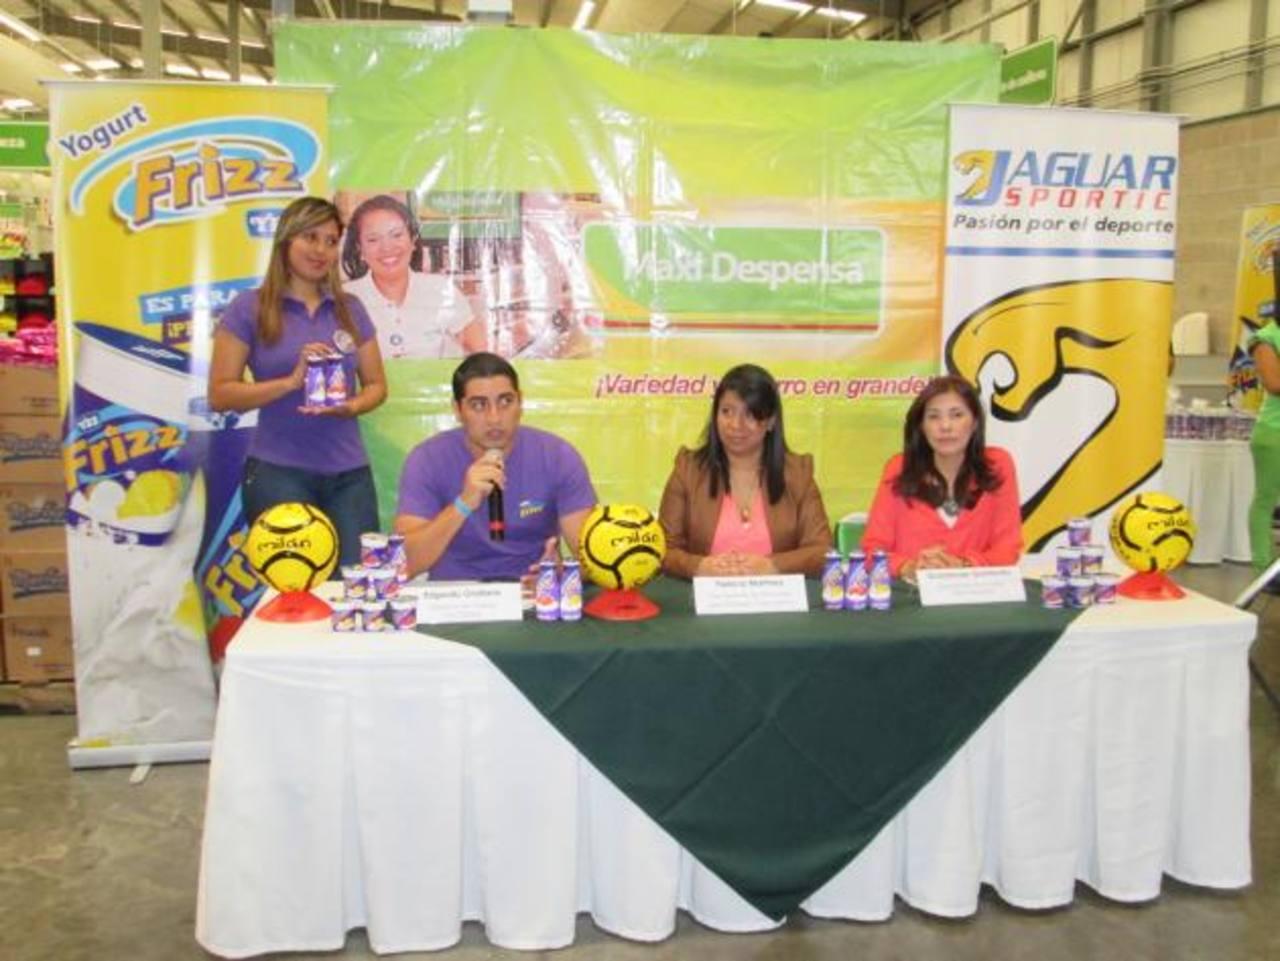 Representantes de las marcas dan a conocer sobre el torneo. Foto / Cortesía